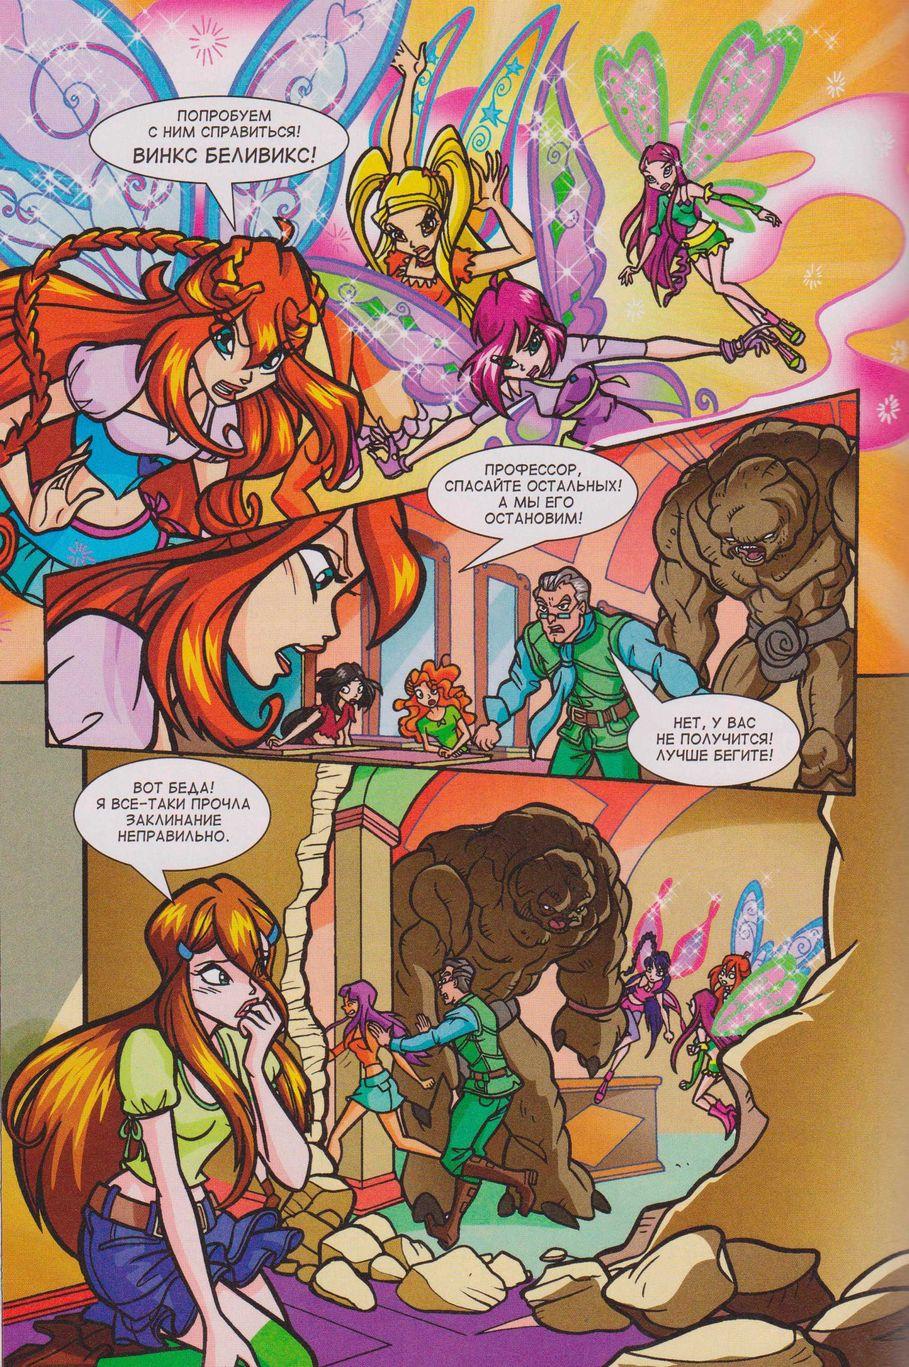 Комикс Винкс Winx - Лучшие диджеи Боб Синклер & Дэвид Гетта (Журнал Винкс №4 2012) - стр. 28